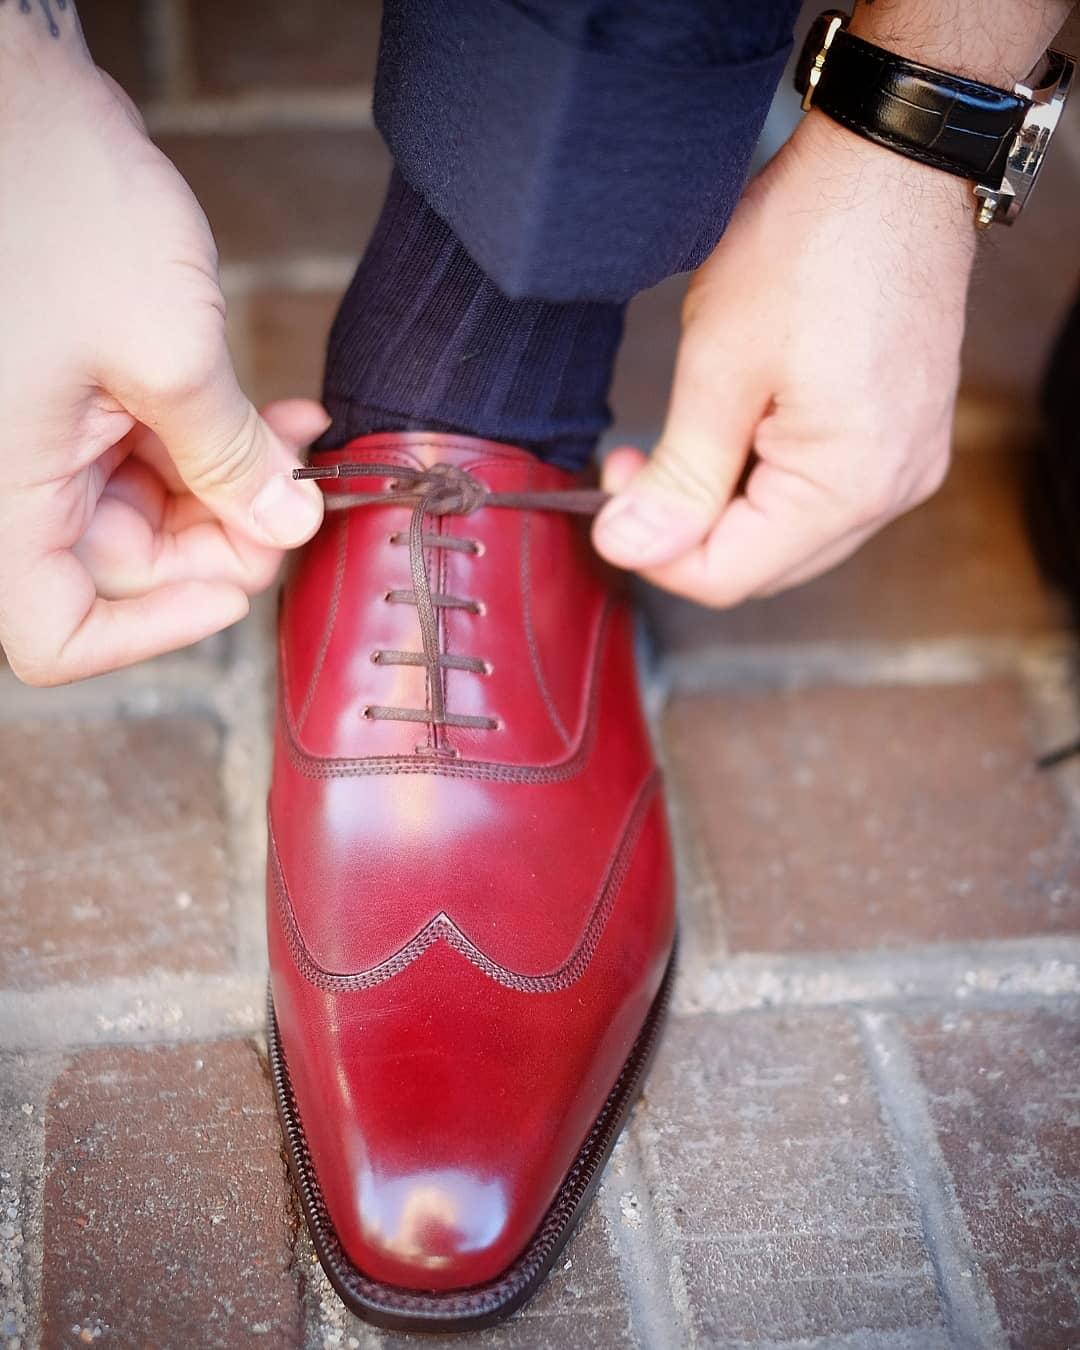 Une paire de richelieu parfaitement adaptée aux pieds du porteur. (Source : Theshoesnobblog)